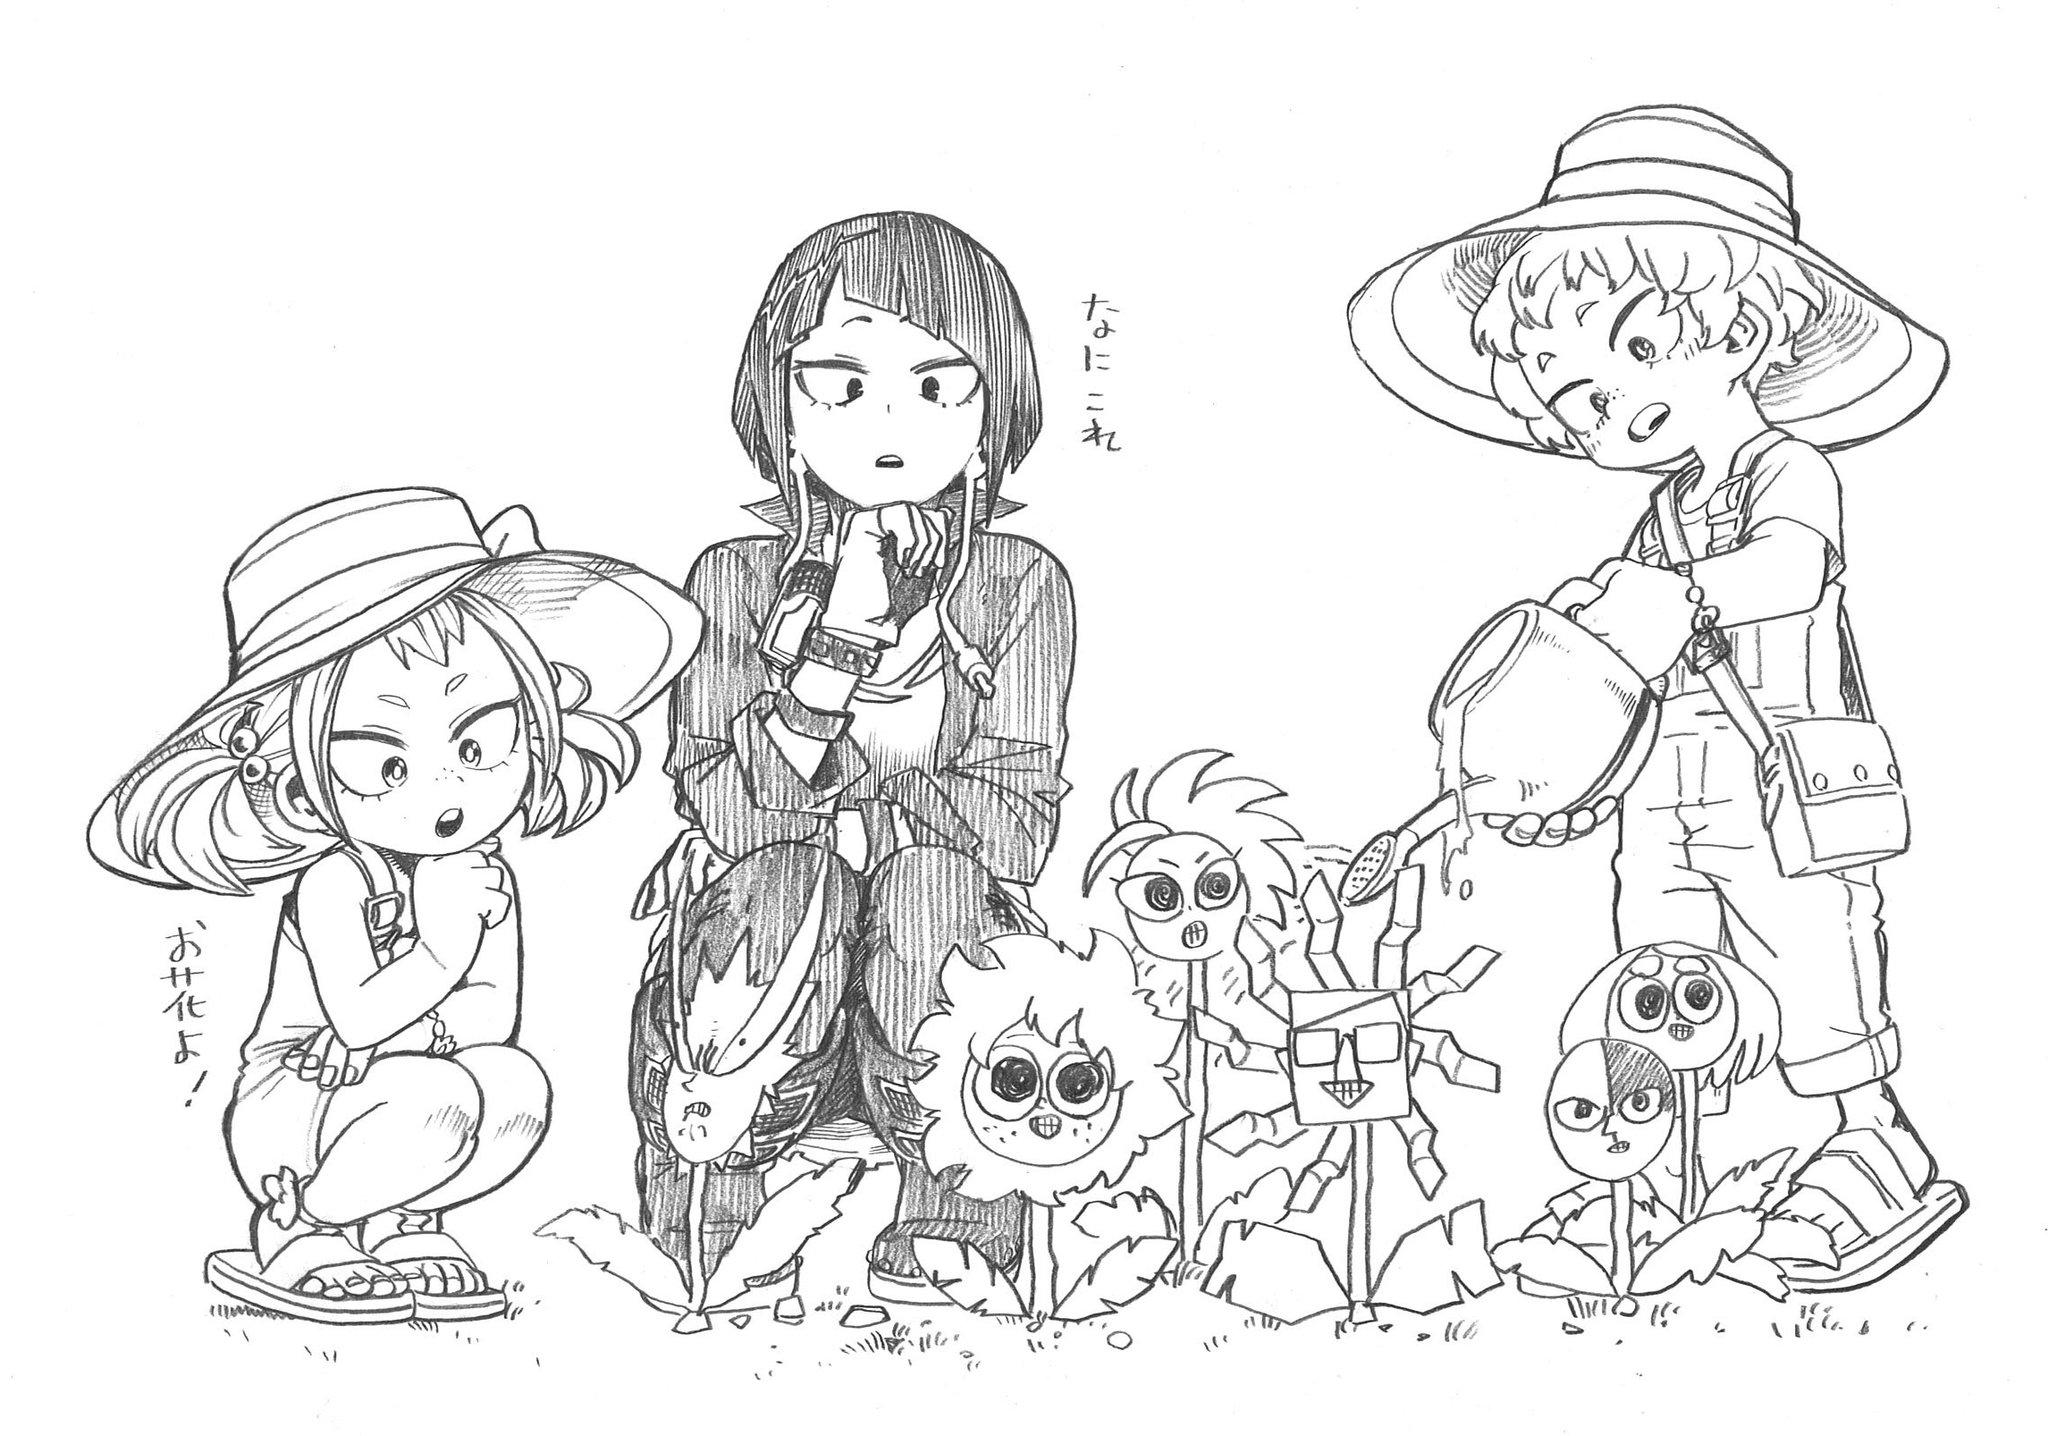 Kyoka with Mahoro and Katsuma sketch